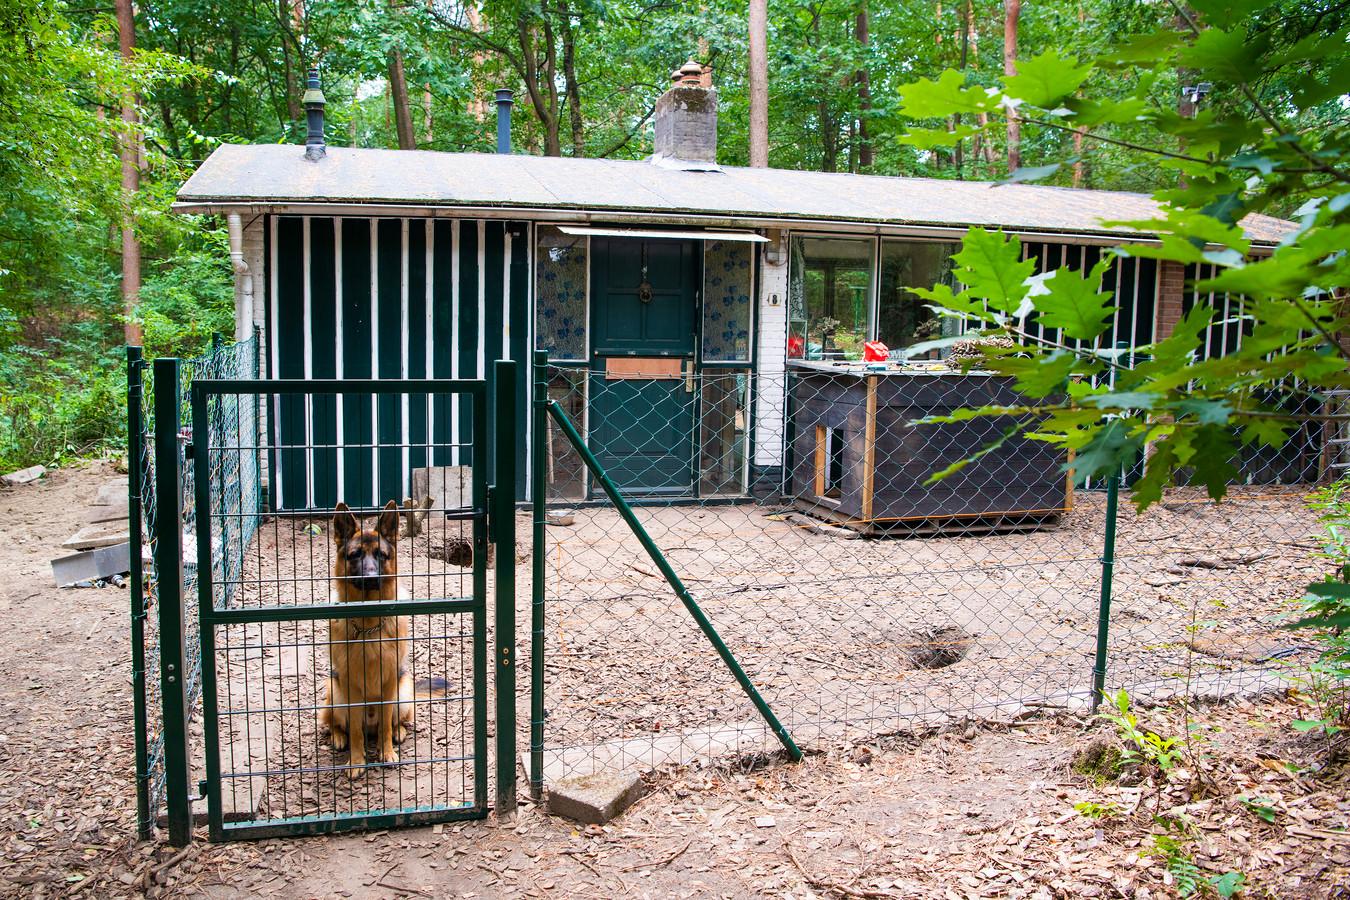 De bungalow waar eind augustus een deel van de buit is teruggevonden. Verdachte Jereno R. is daarbij opgepakt naar een actie van het arrestatieteam.